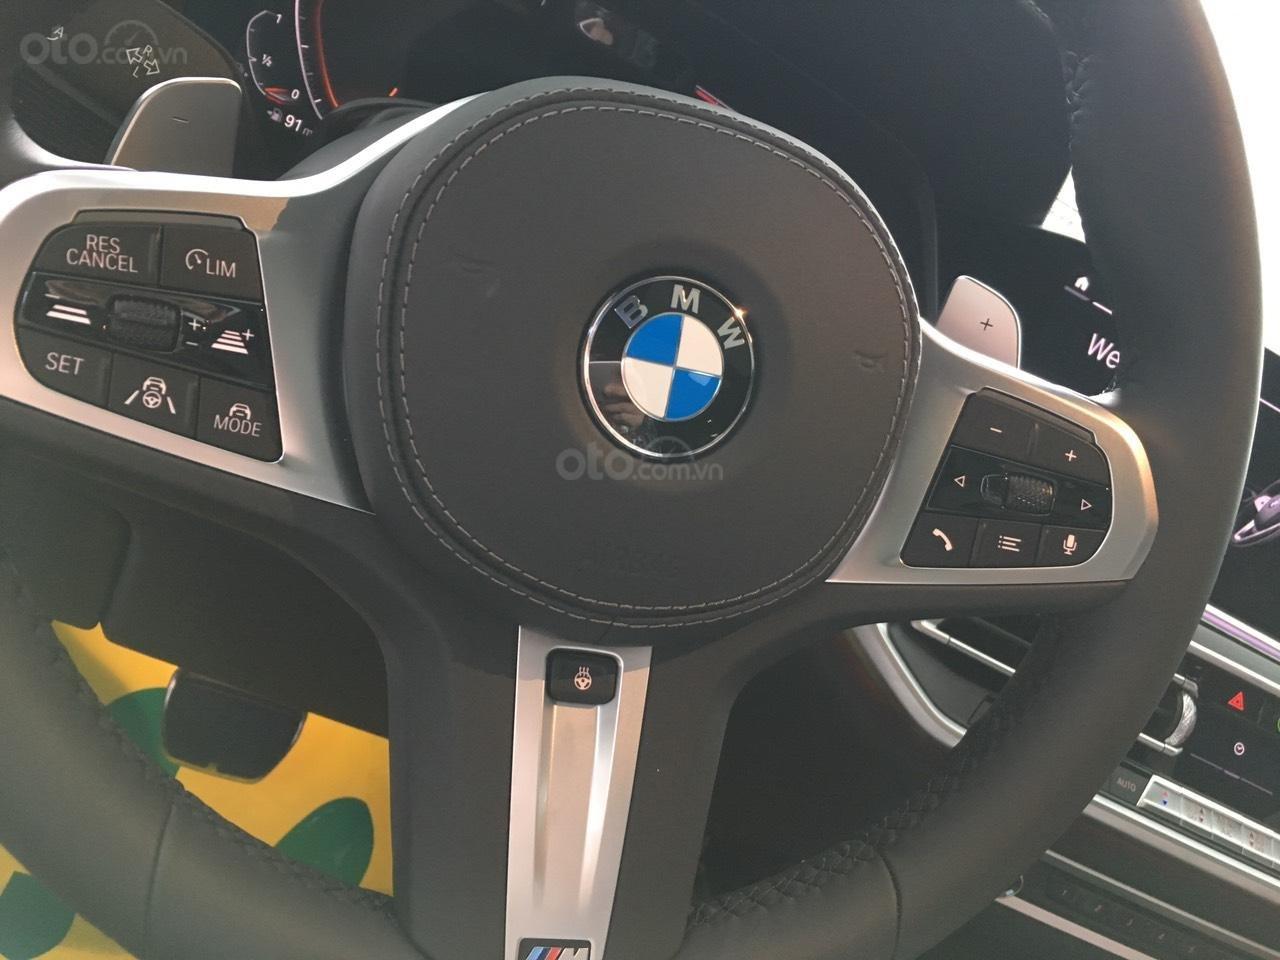 Bán xe BMW X7 xDrive 40i đời 2020, giá tốt, giao ngay toàn quốc - LH 093.996.2368 Ms. Ngọc Vy (5)